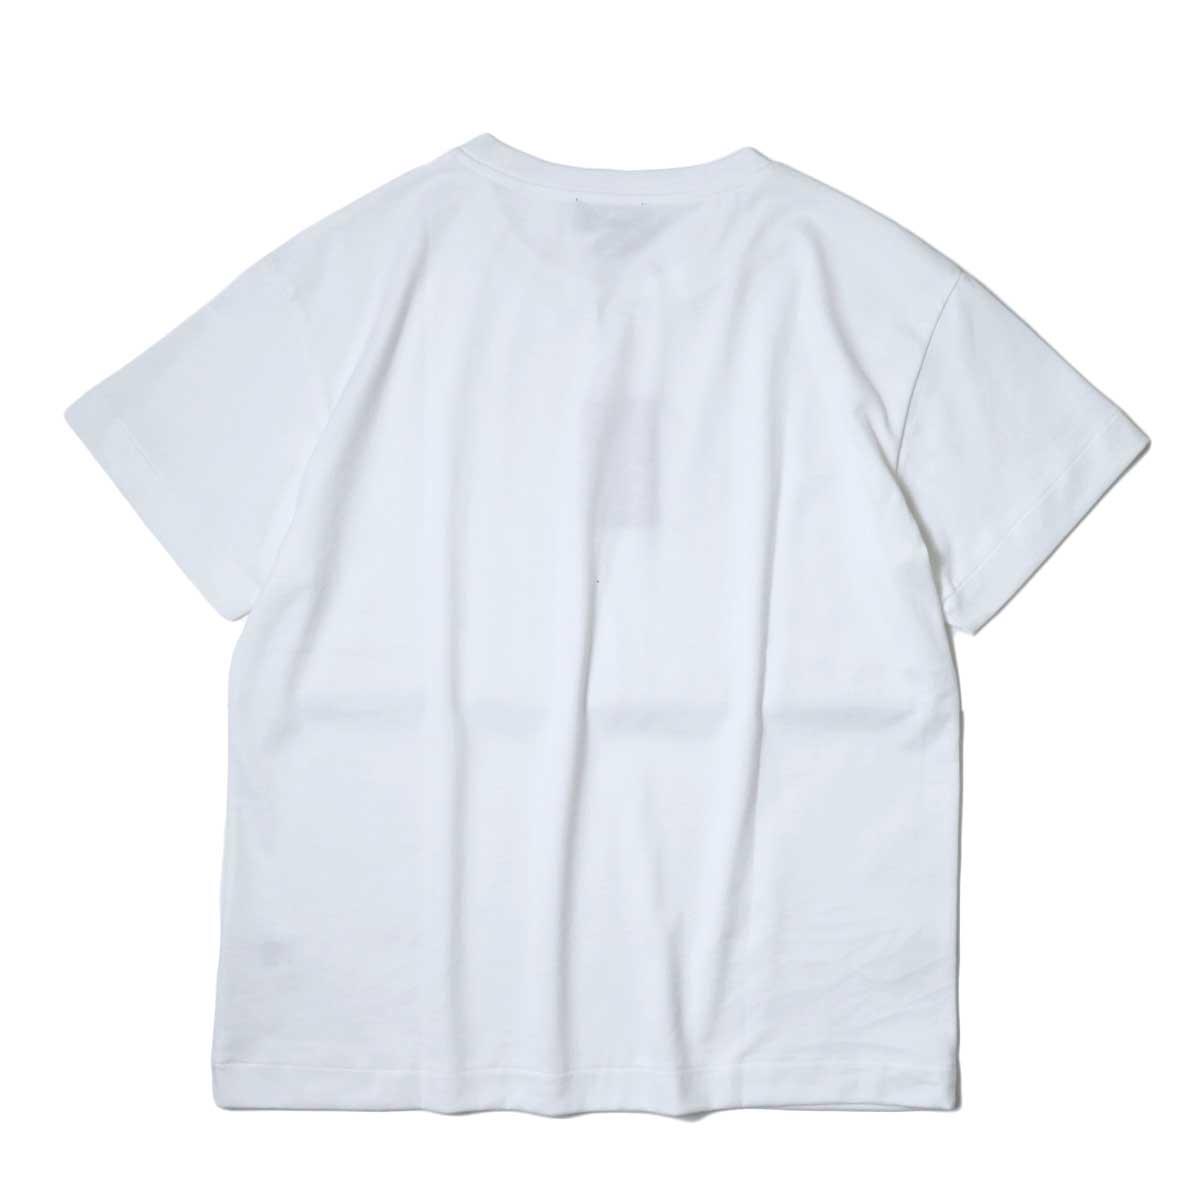 A.P.C. / Jade Tシャツ (White) 背面